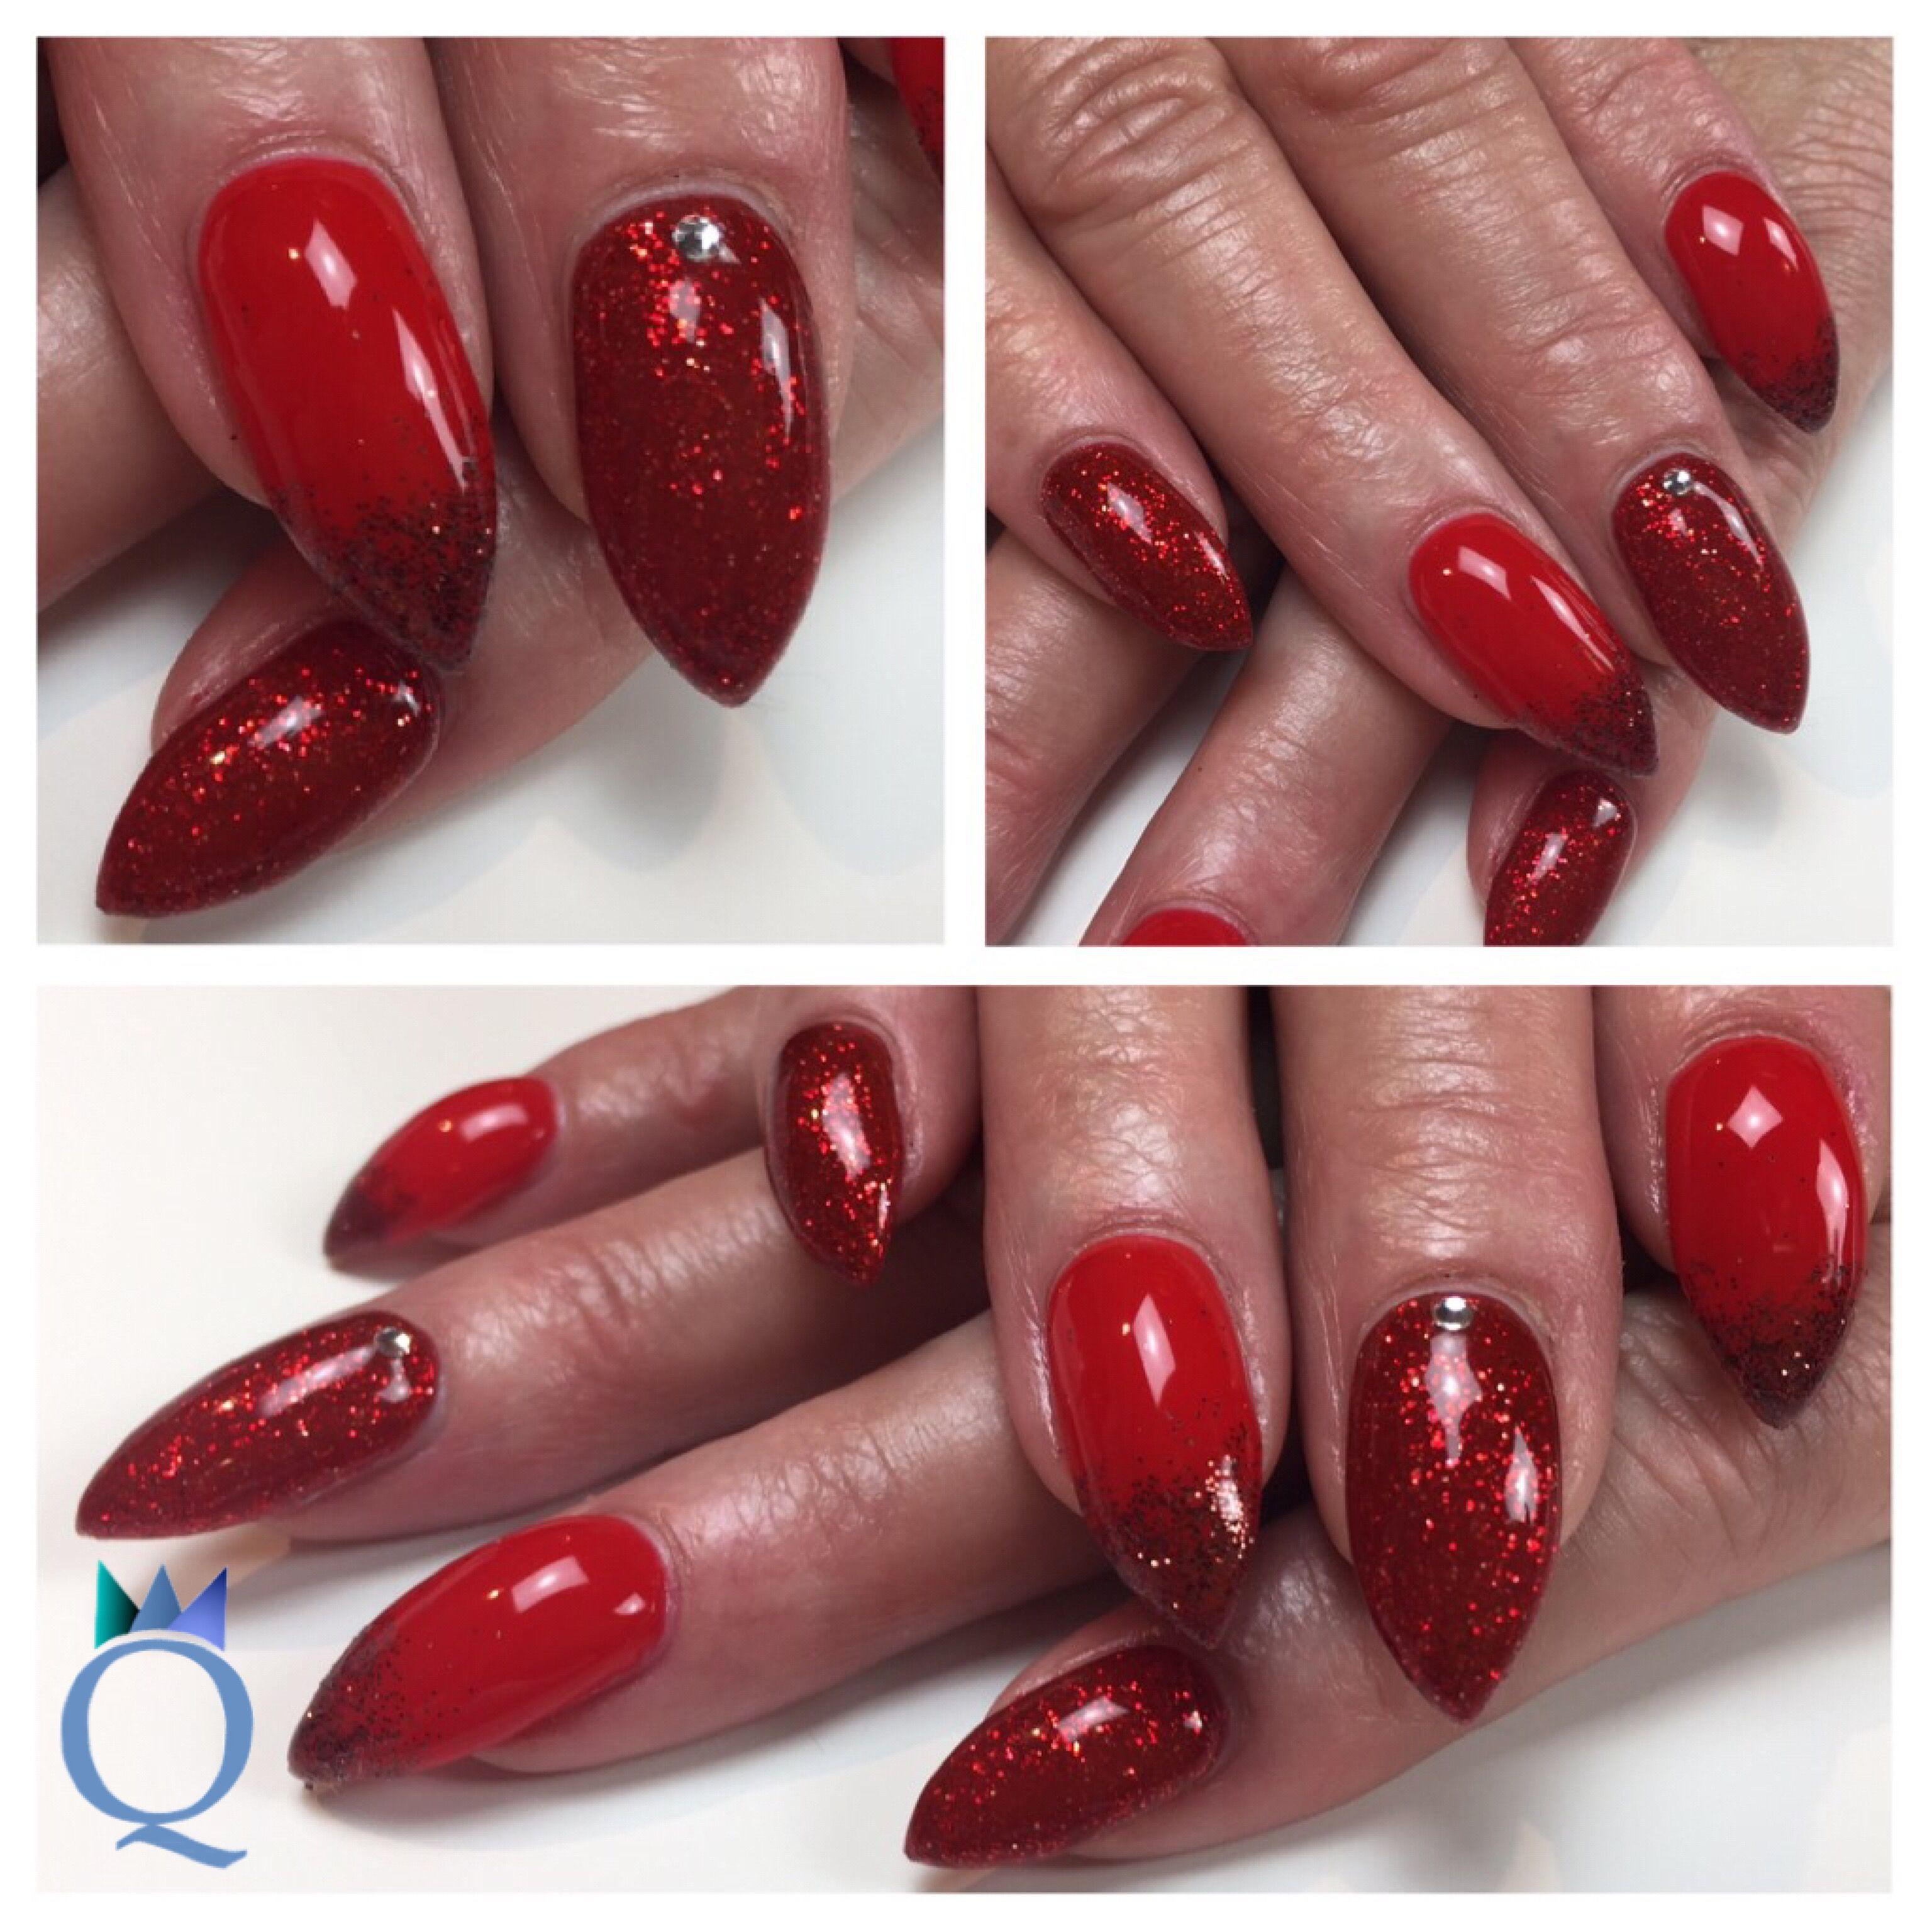 babystilettos #gelnails #nails #red #glitter #silverstone ...